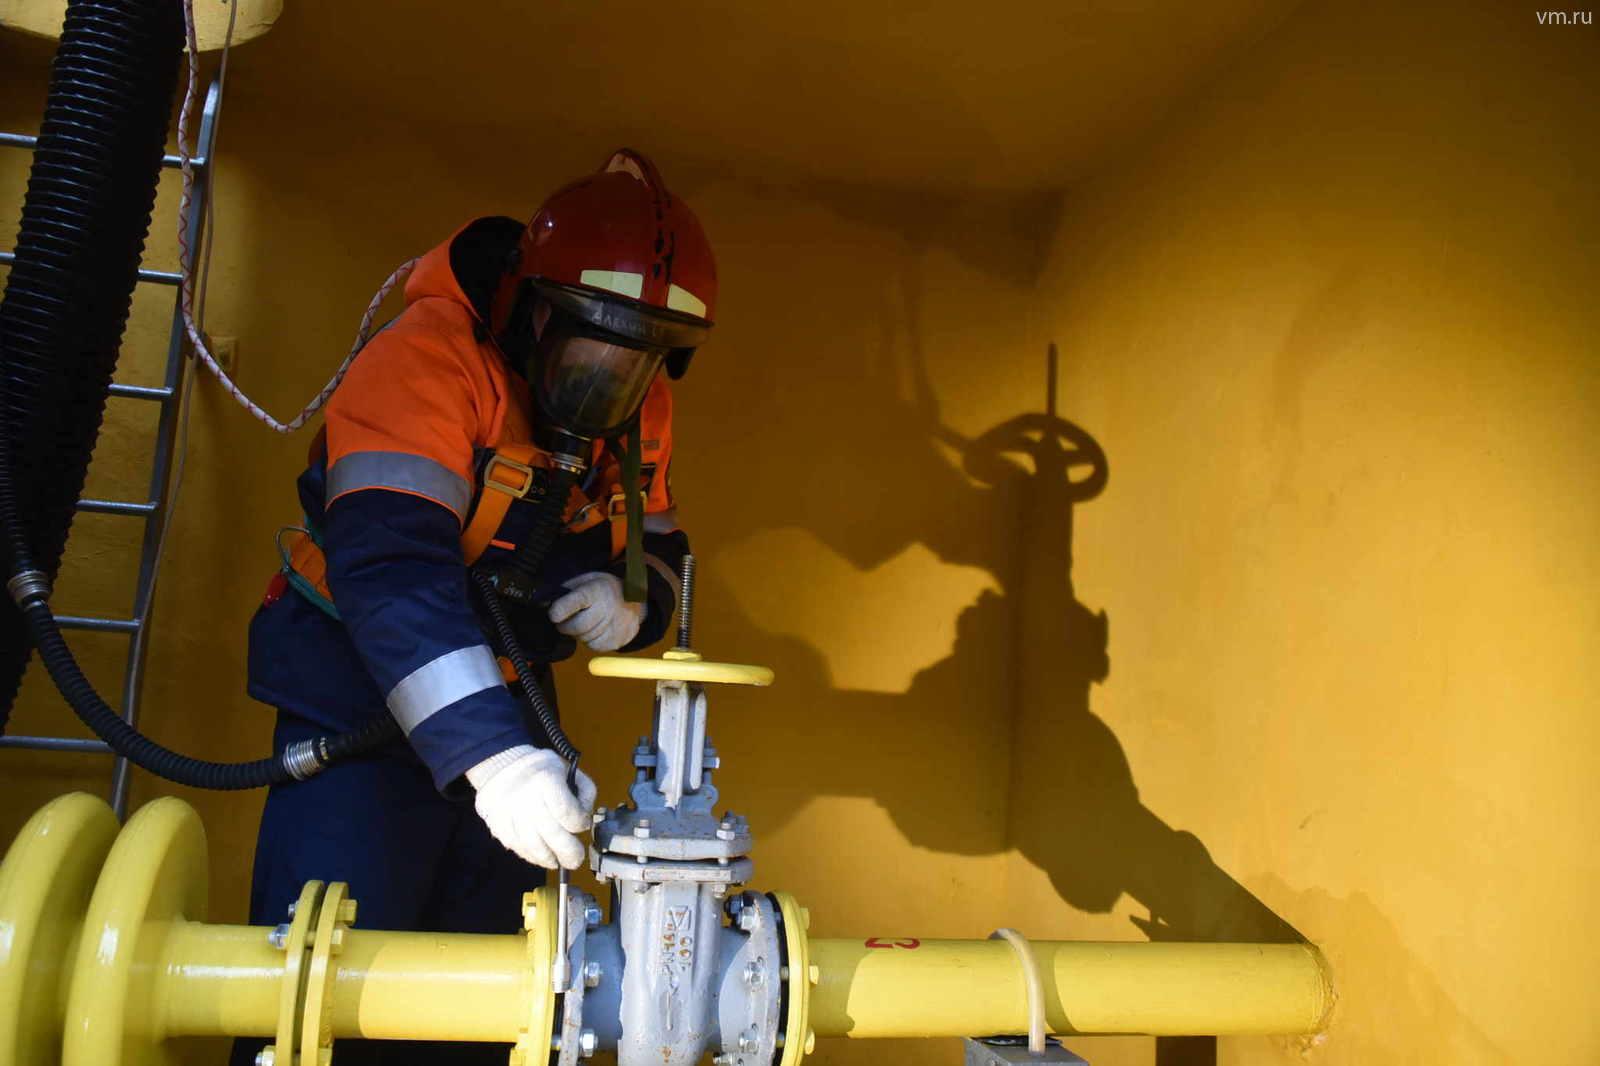 Нафтогаз Украины потребовал у Газпрома 12 миллиардов долларов